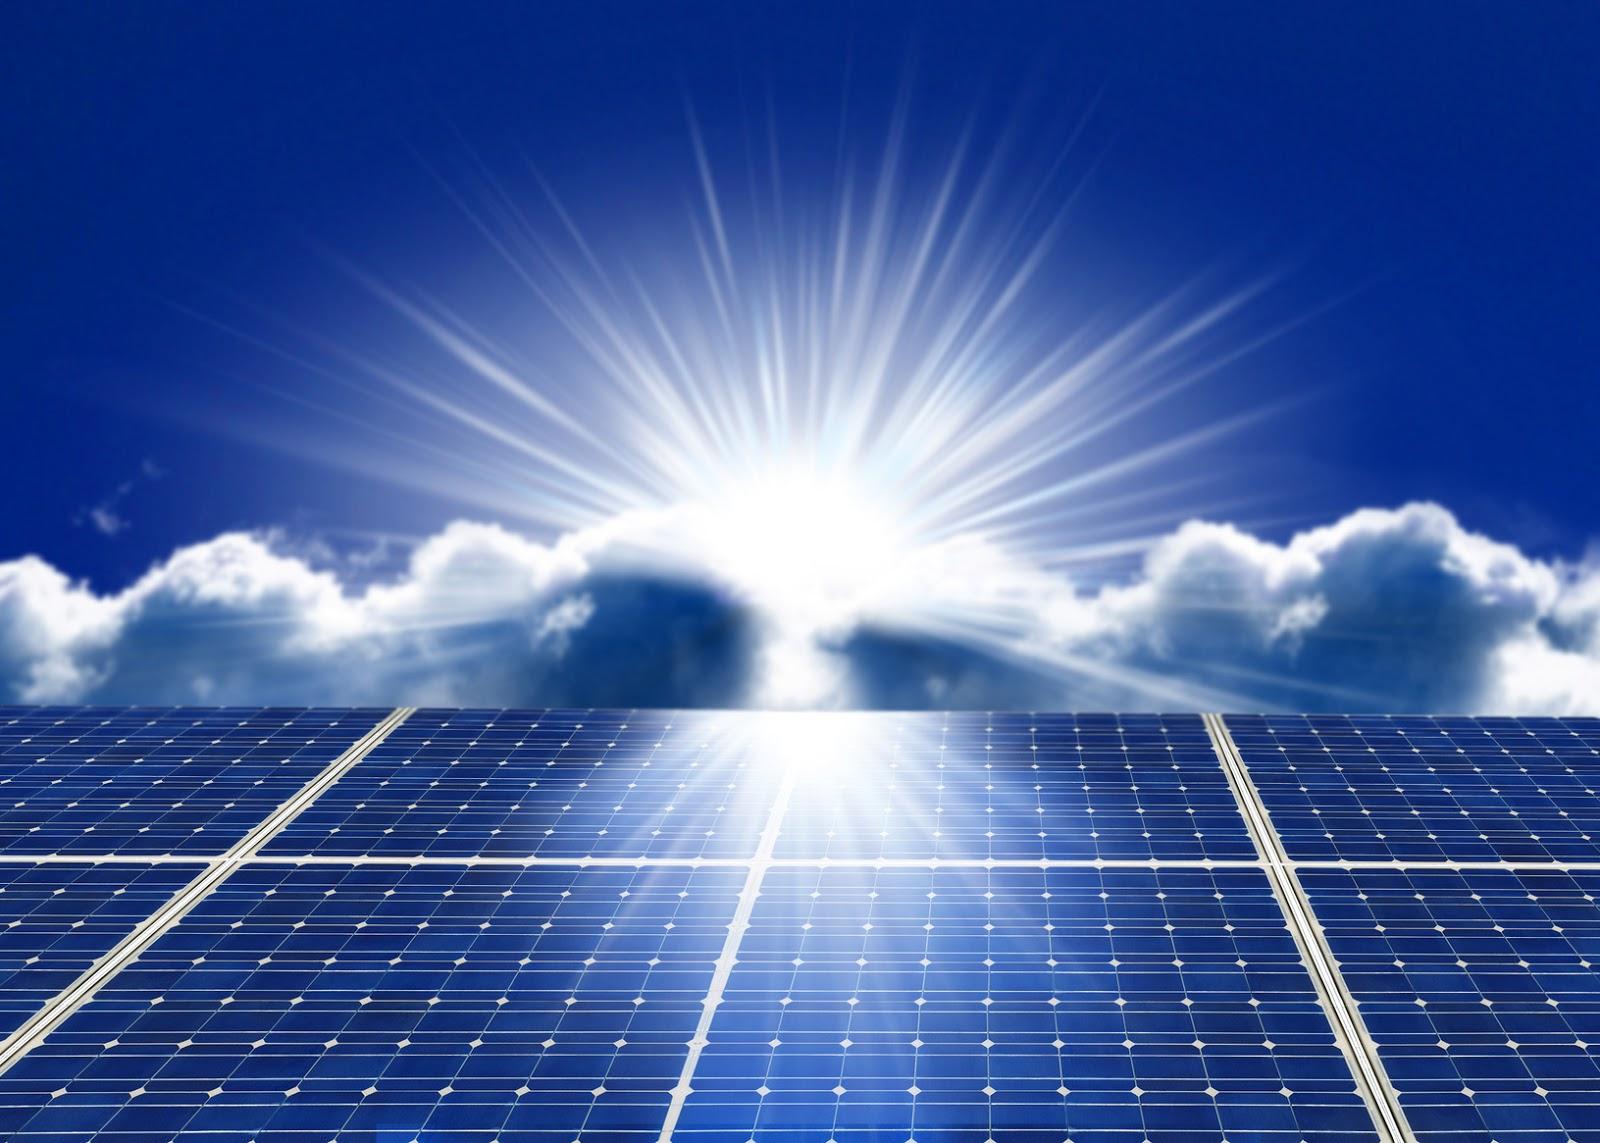 Mbito cient fico energ as renovables en canarias - Energia solar tenerife ...